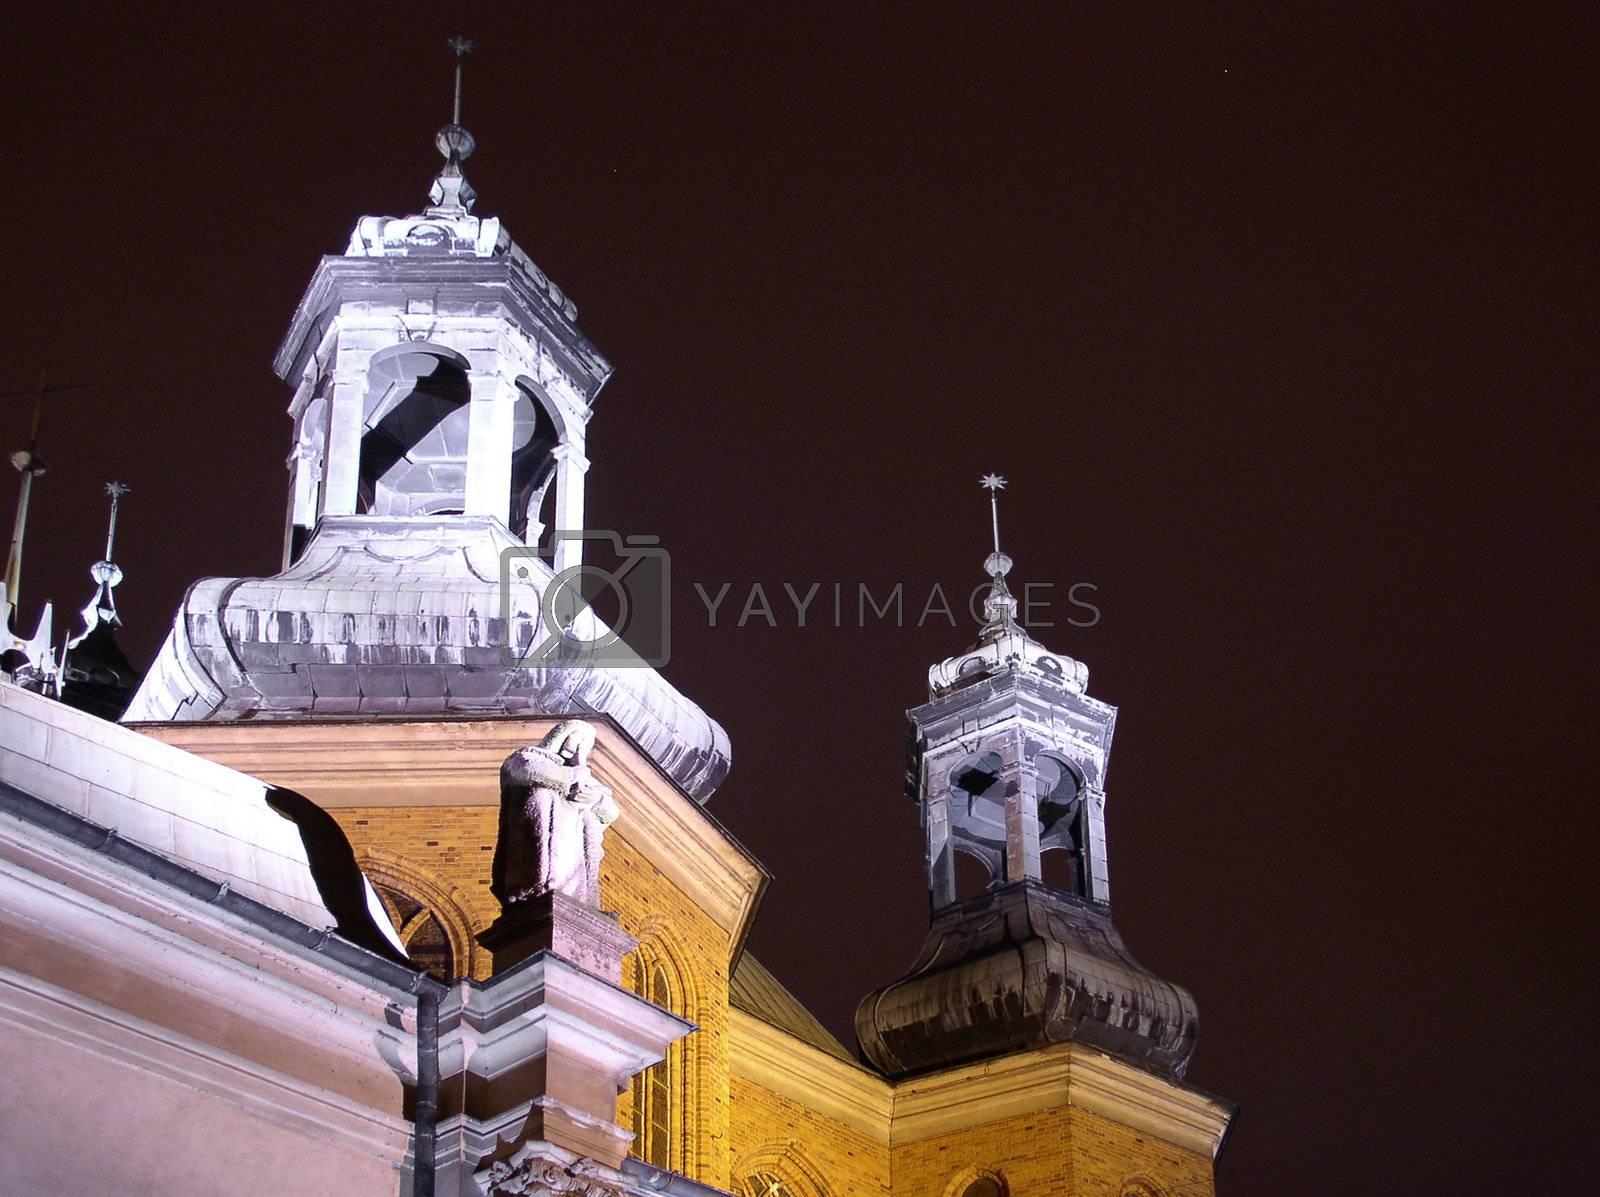 Royalty free image of church at night by kapp